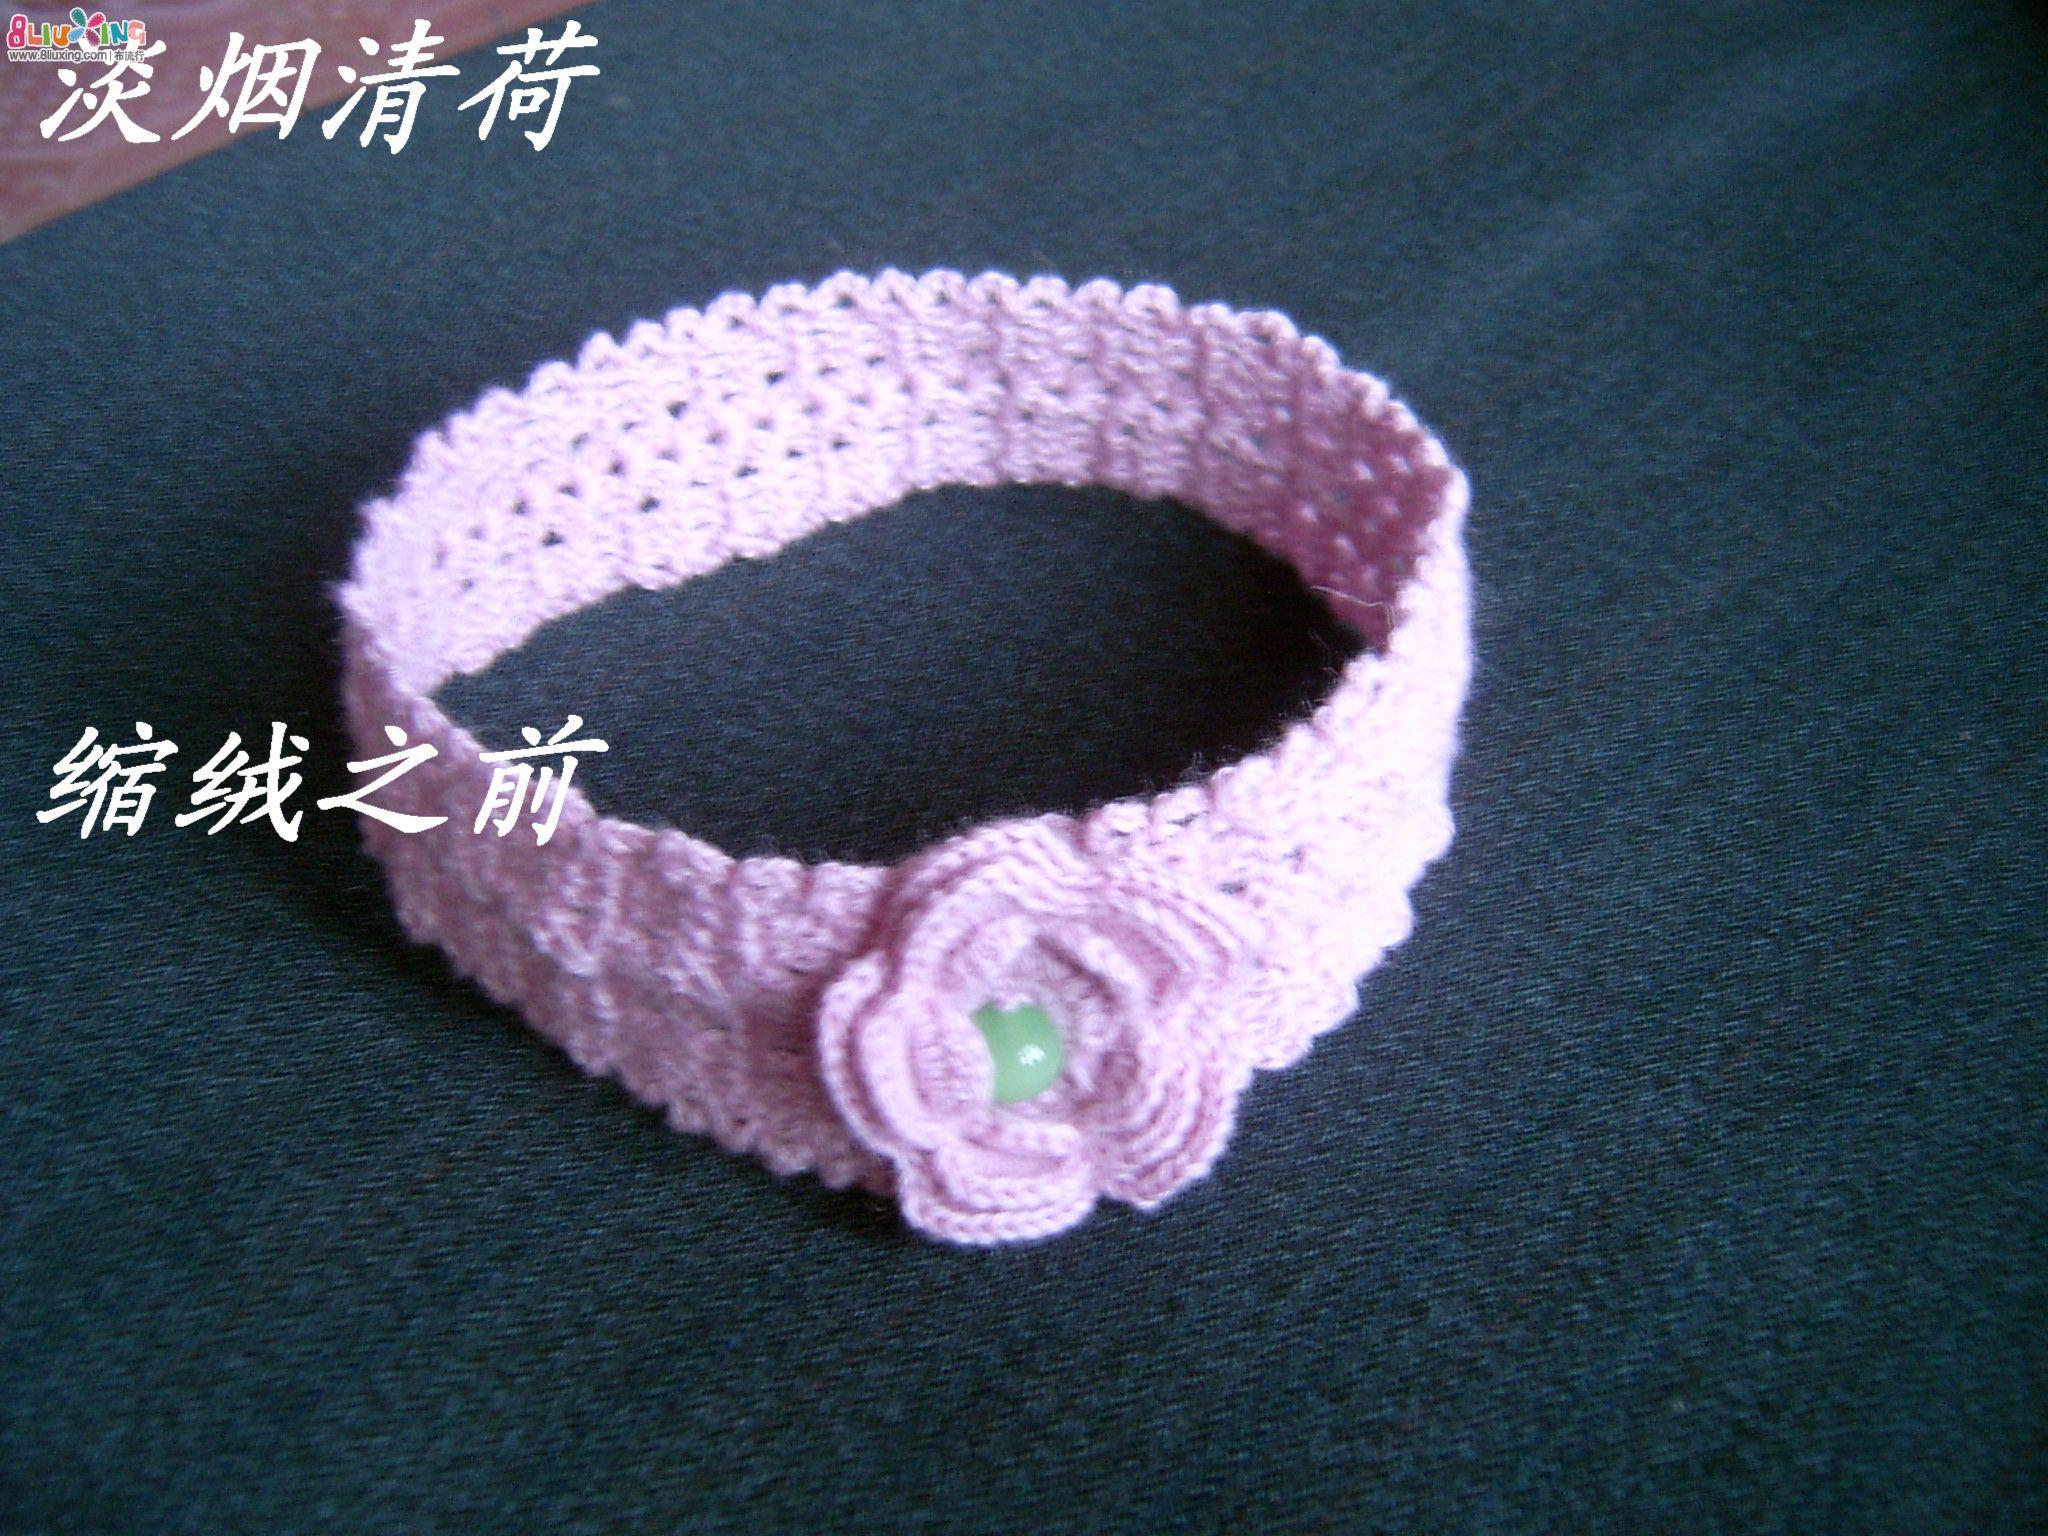 粉色 钩针/相饰1.jpg